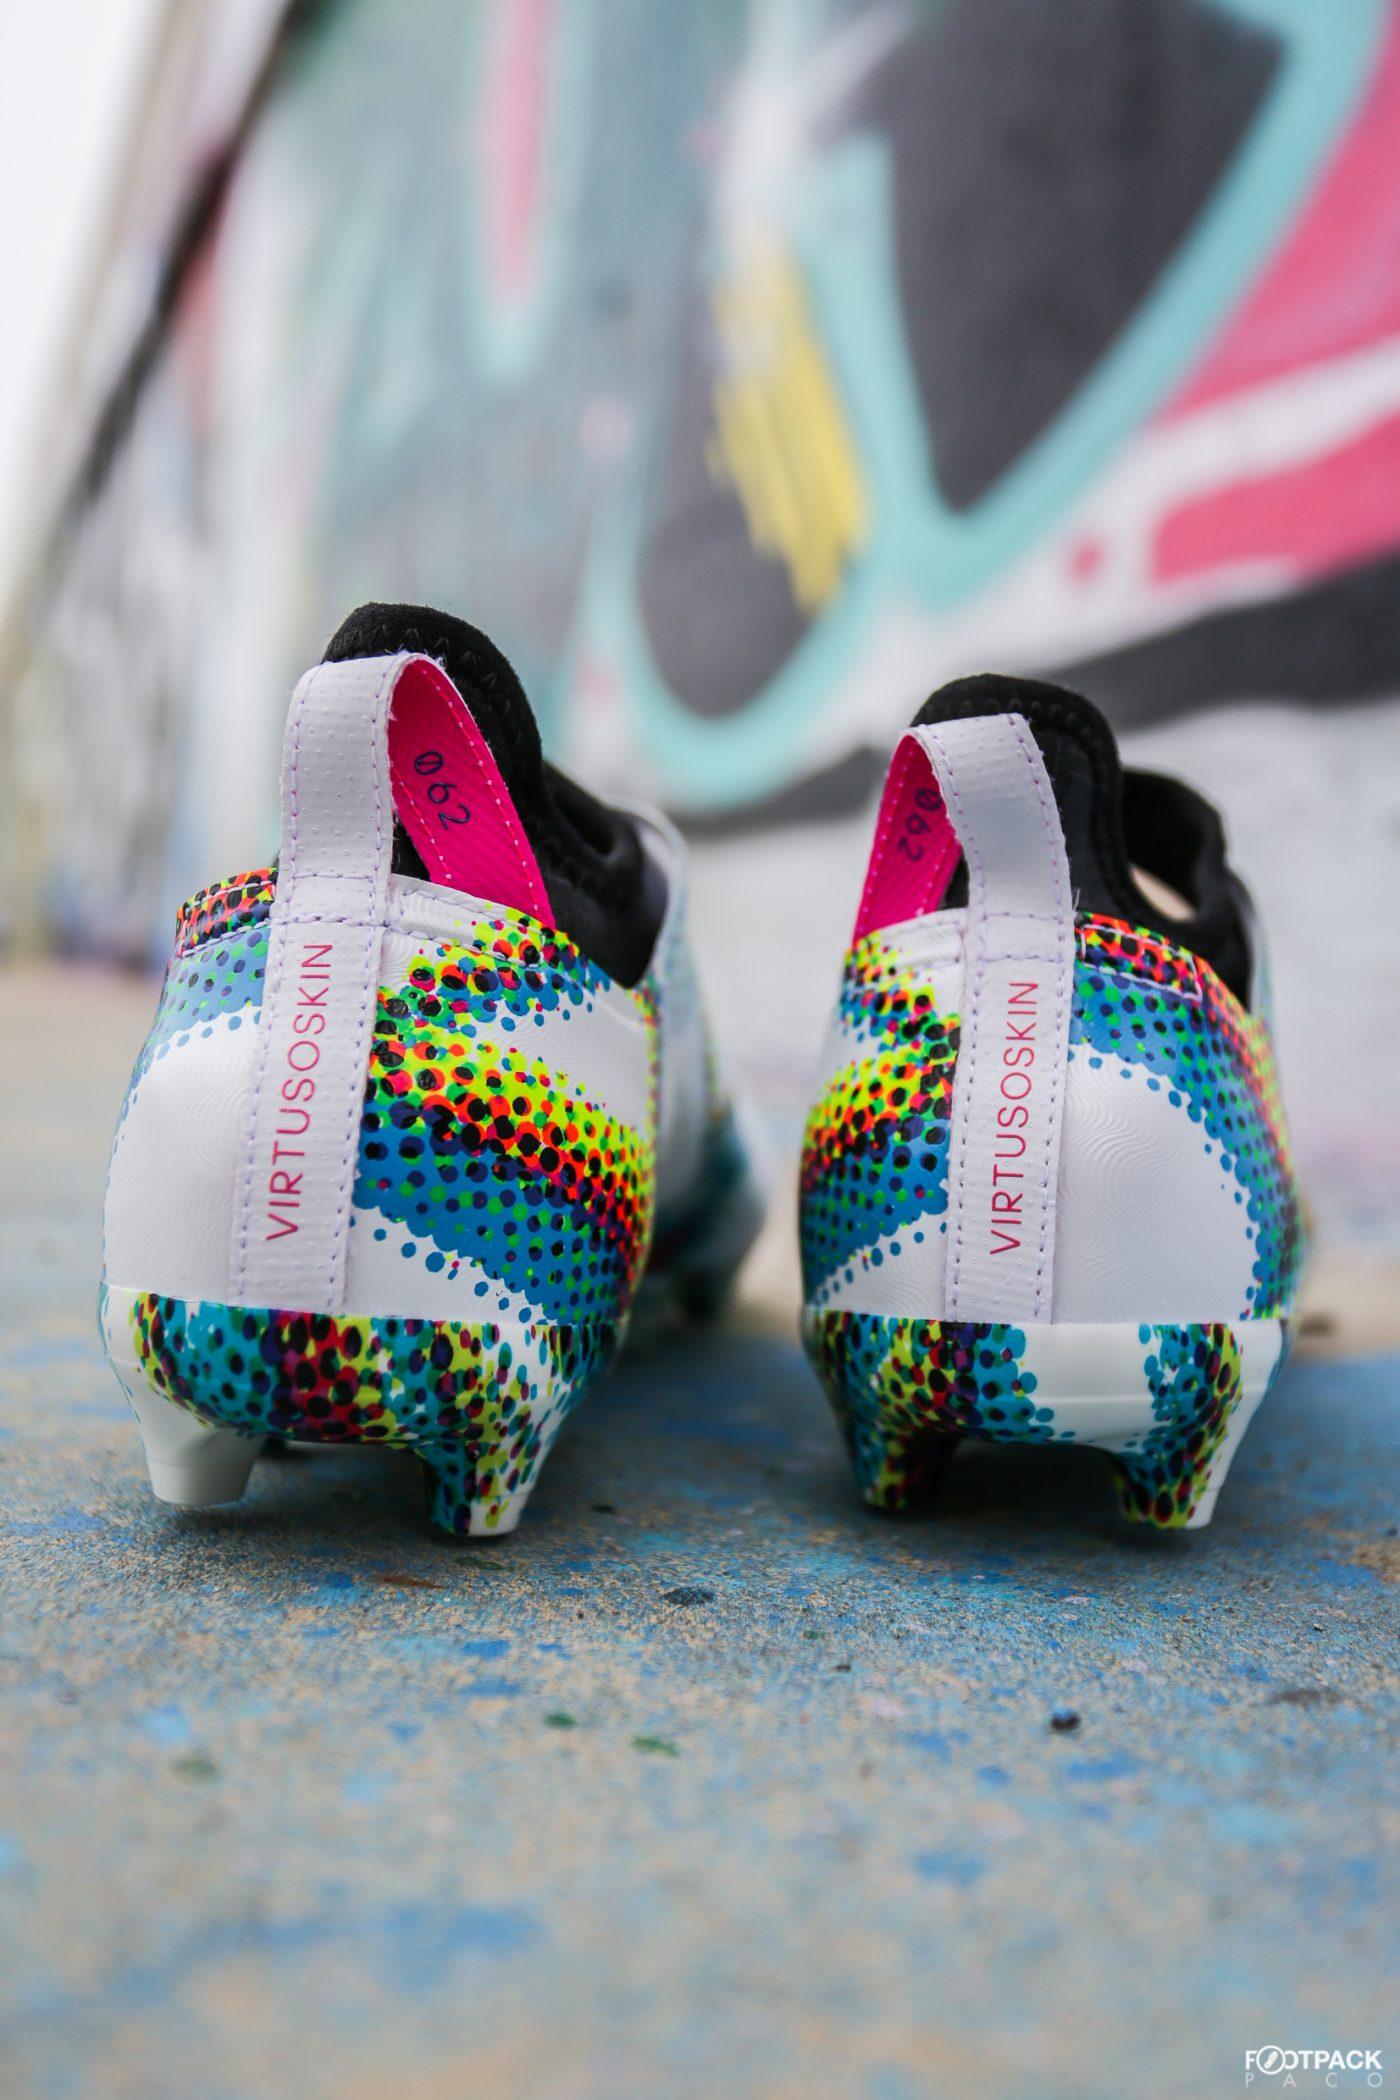 adidas-glitch-skin-virtuso-footpack-6